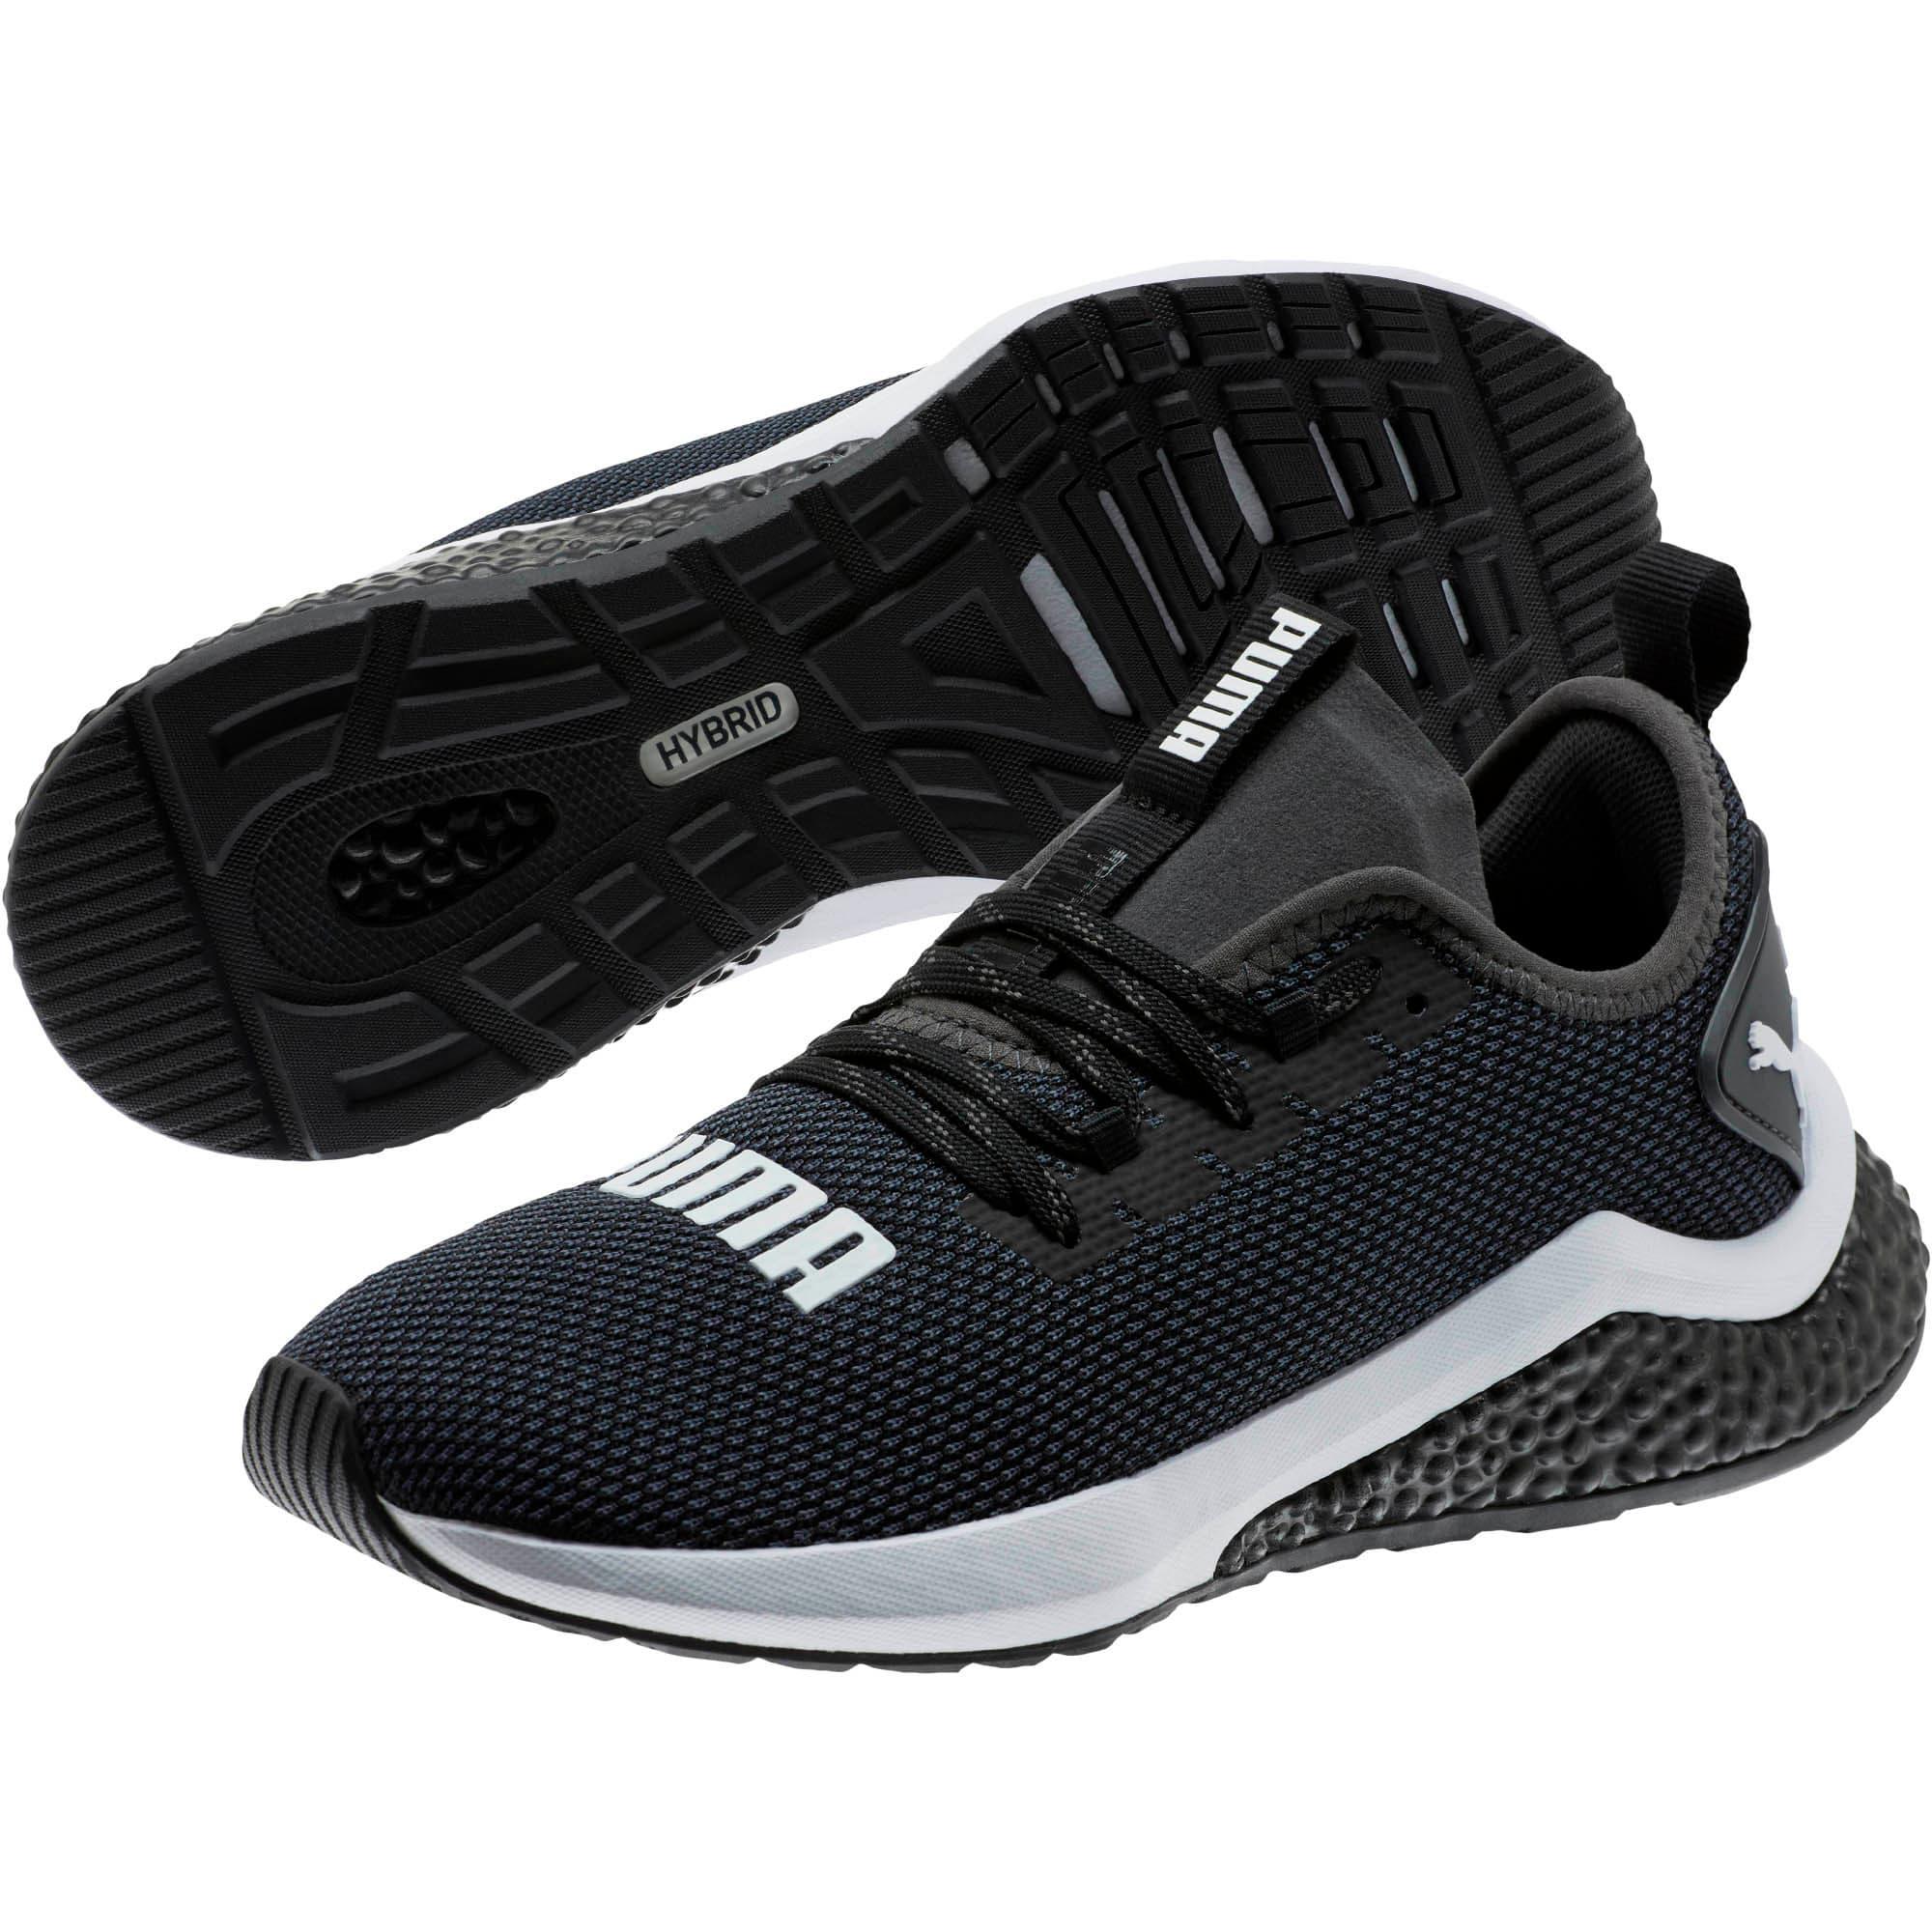 Thumbnail 2 of HYBRID NX Running Shoes JR, Puma Black-Puma White, medium